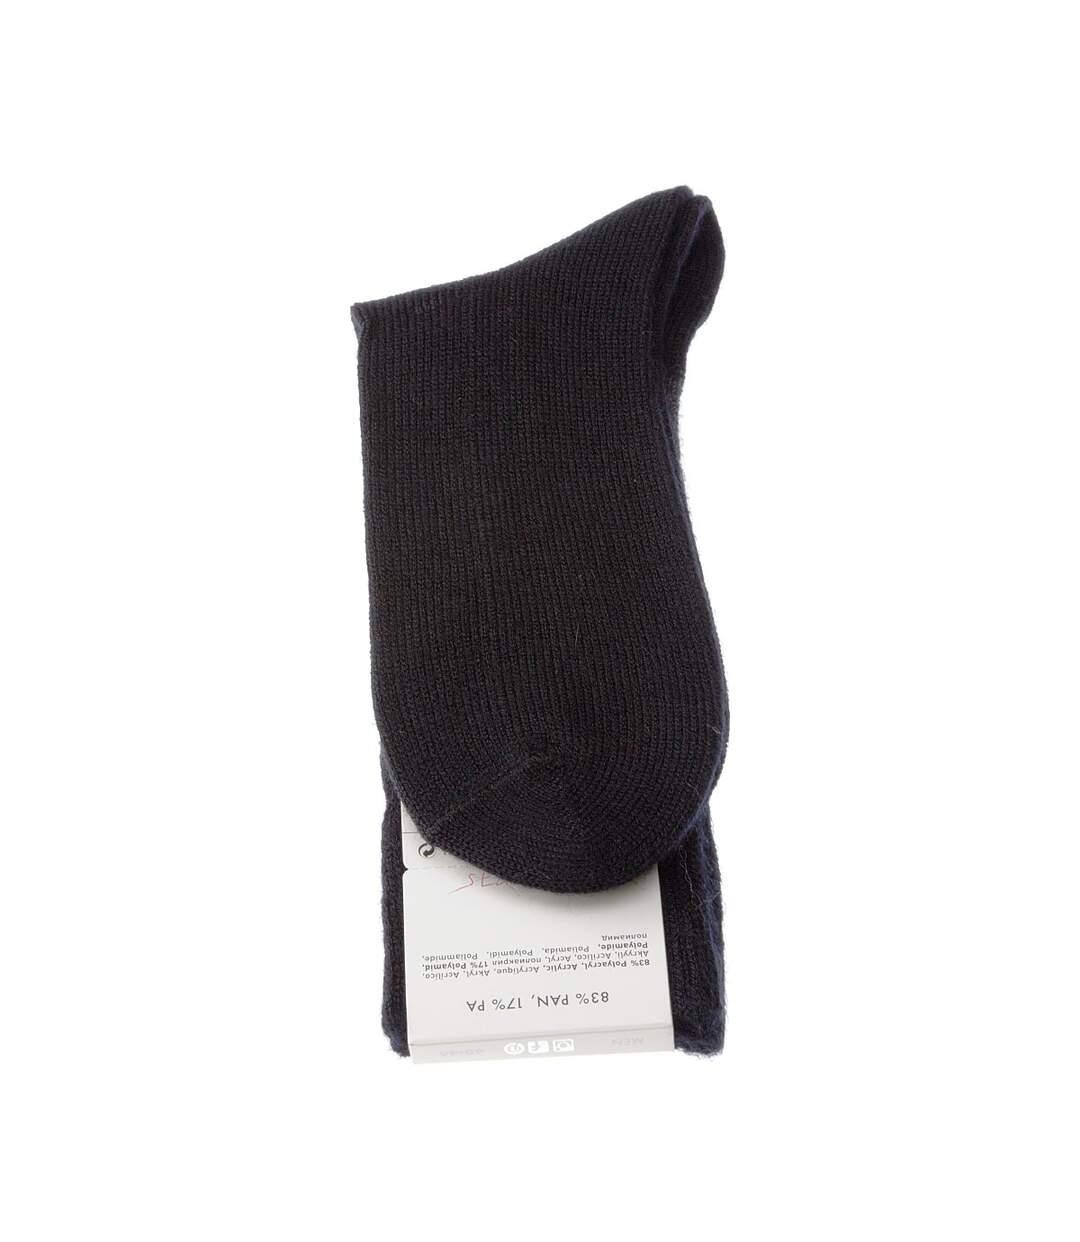 Dégagement Chaussette Mi-Hautes 1 paire Sans bouclette Carreau Chaude Acrylique Noir Preston dsf.d455nksdKLFHG